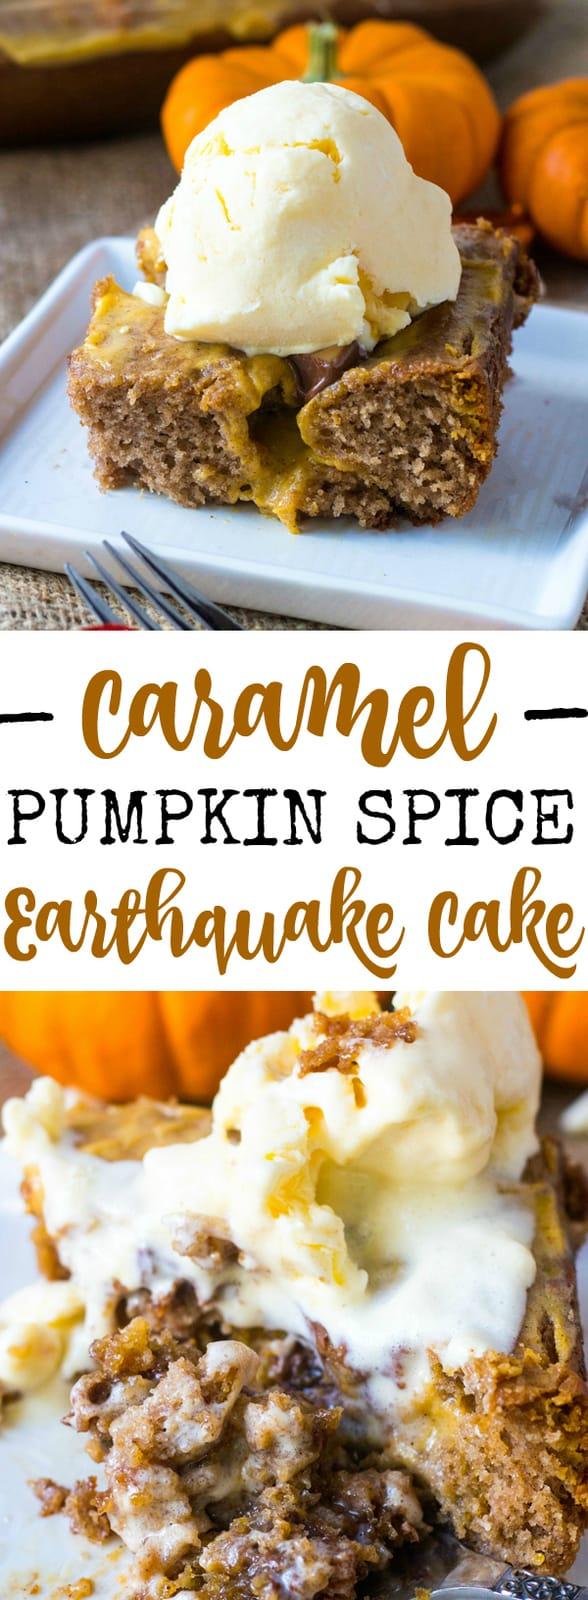 Caramel Pumpkin Spice Earthquake Quake